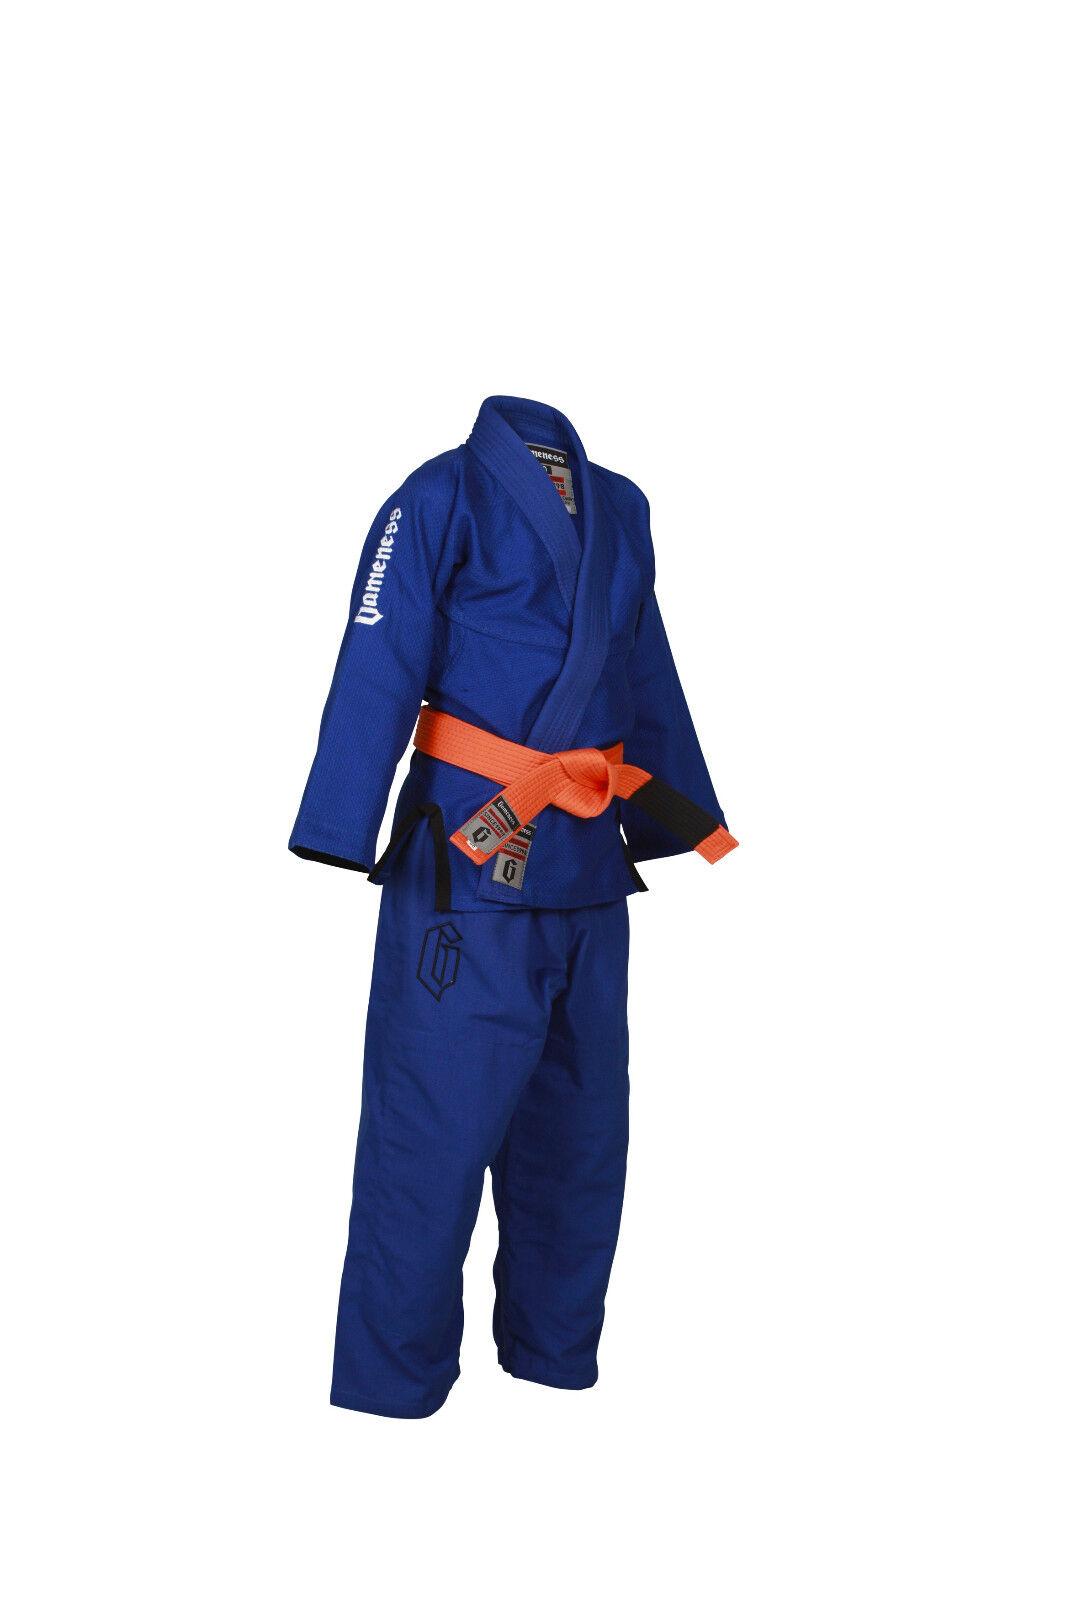 Gameness Luft Kinder Bjj Gi Blau G1302 Kimono Uniform Brasilianisches Jiu-Jitsu